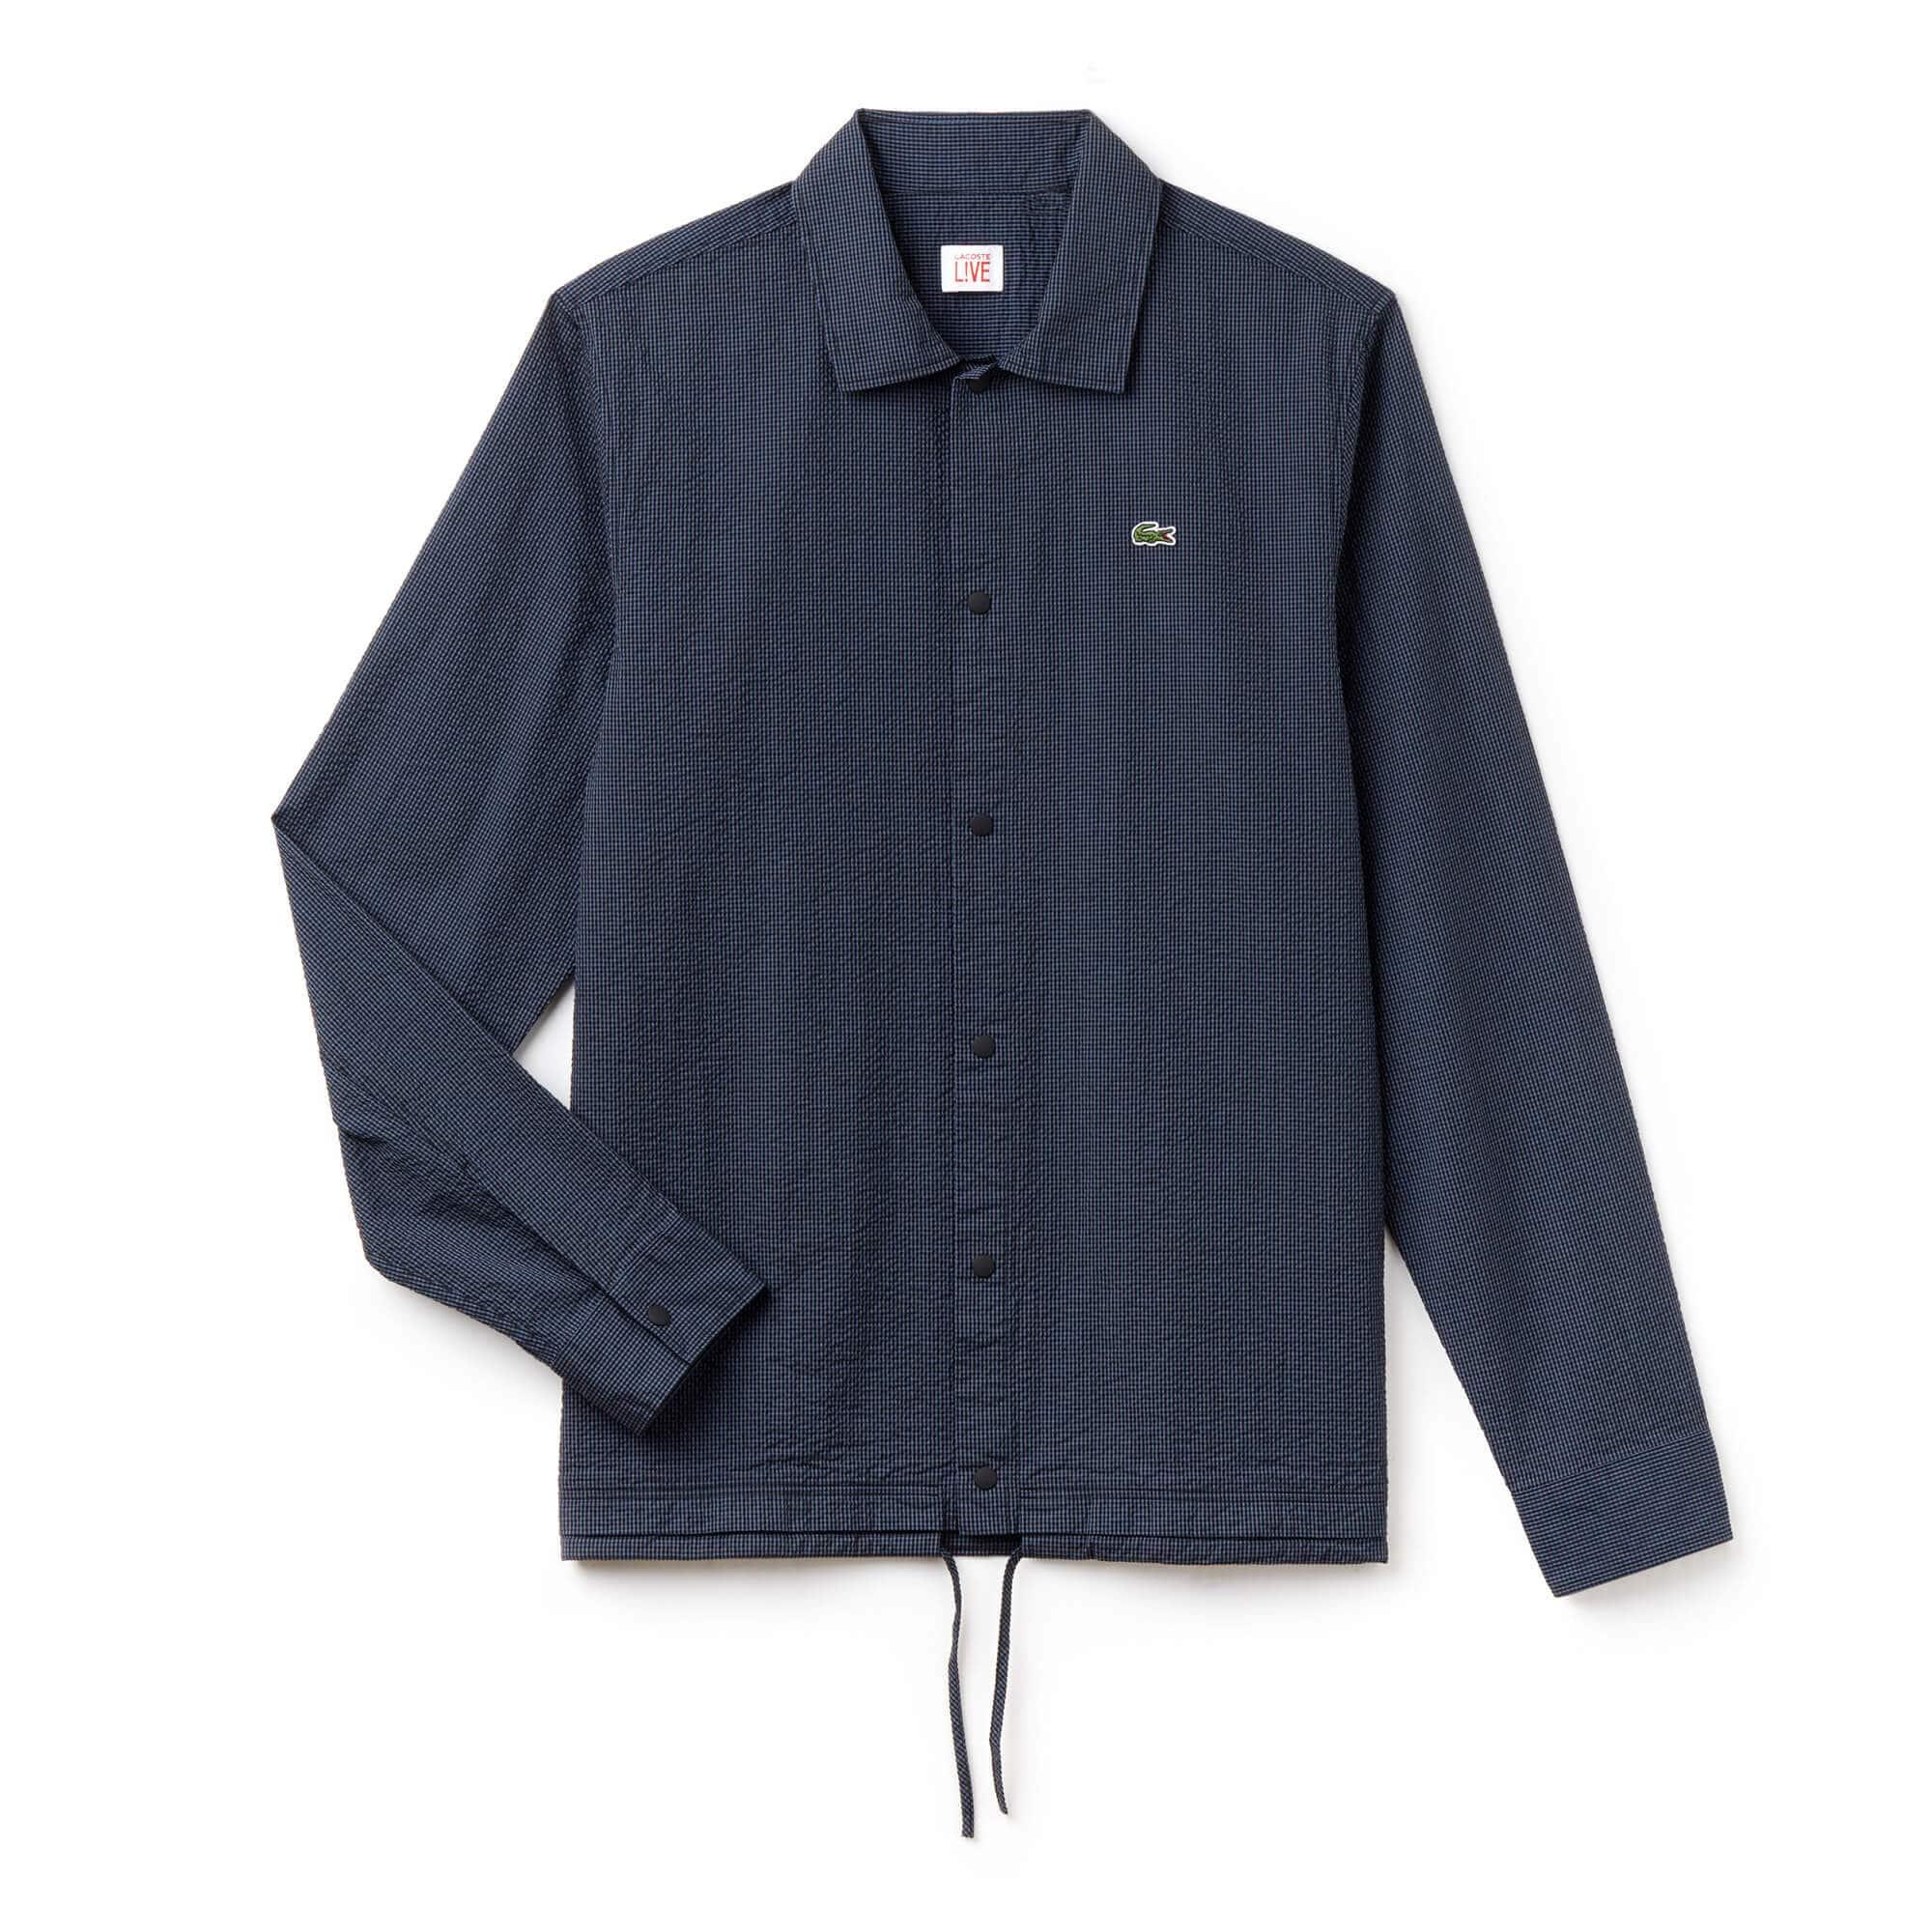 Camisa slim fit Lacoste LIVE em seersucker vichy